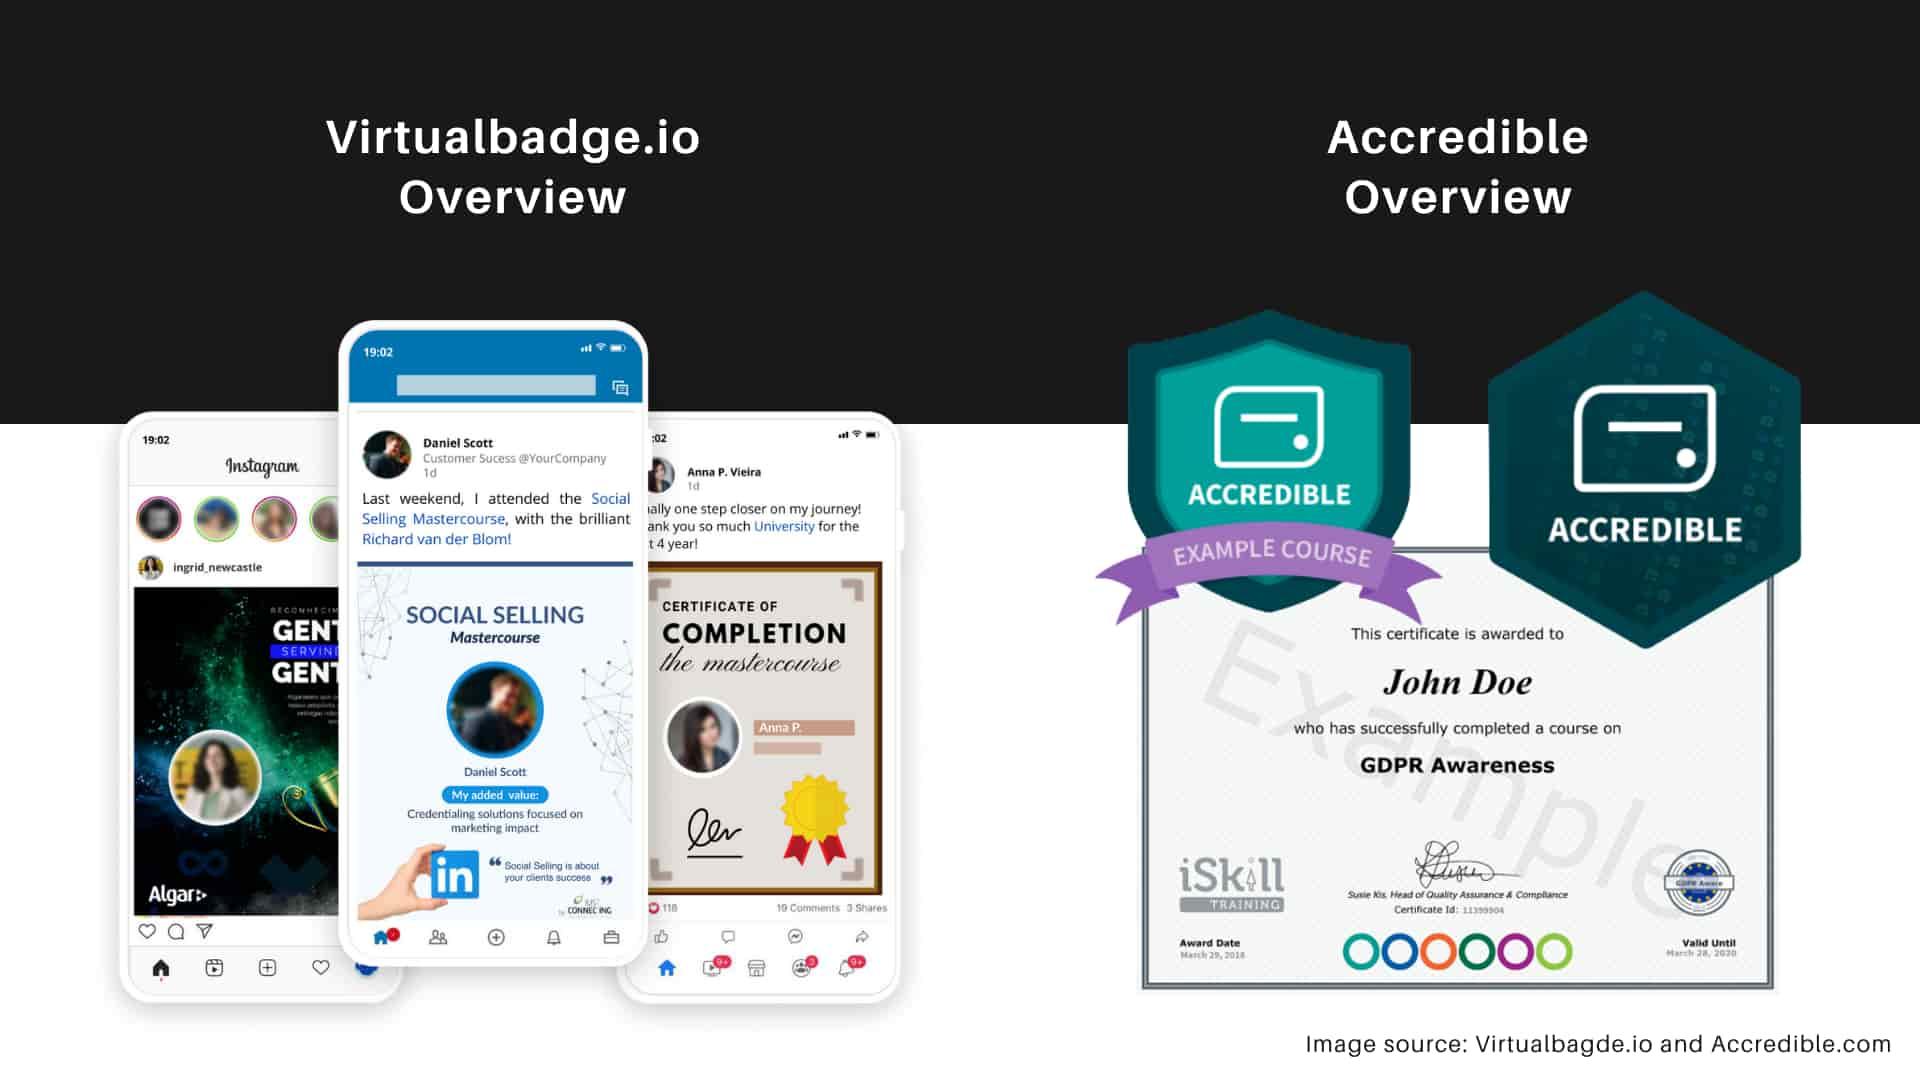 Virtualbadge.io vs. Accredible - Badge design overview